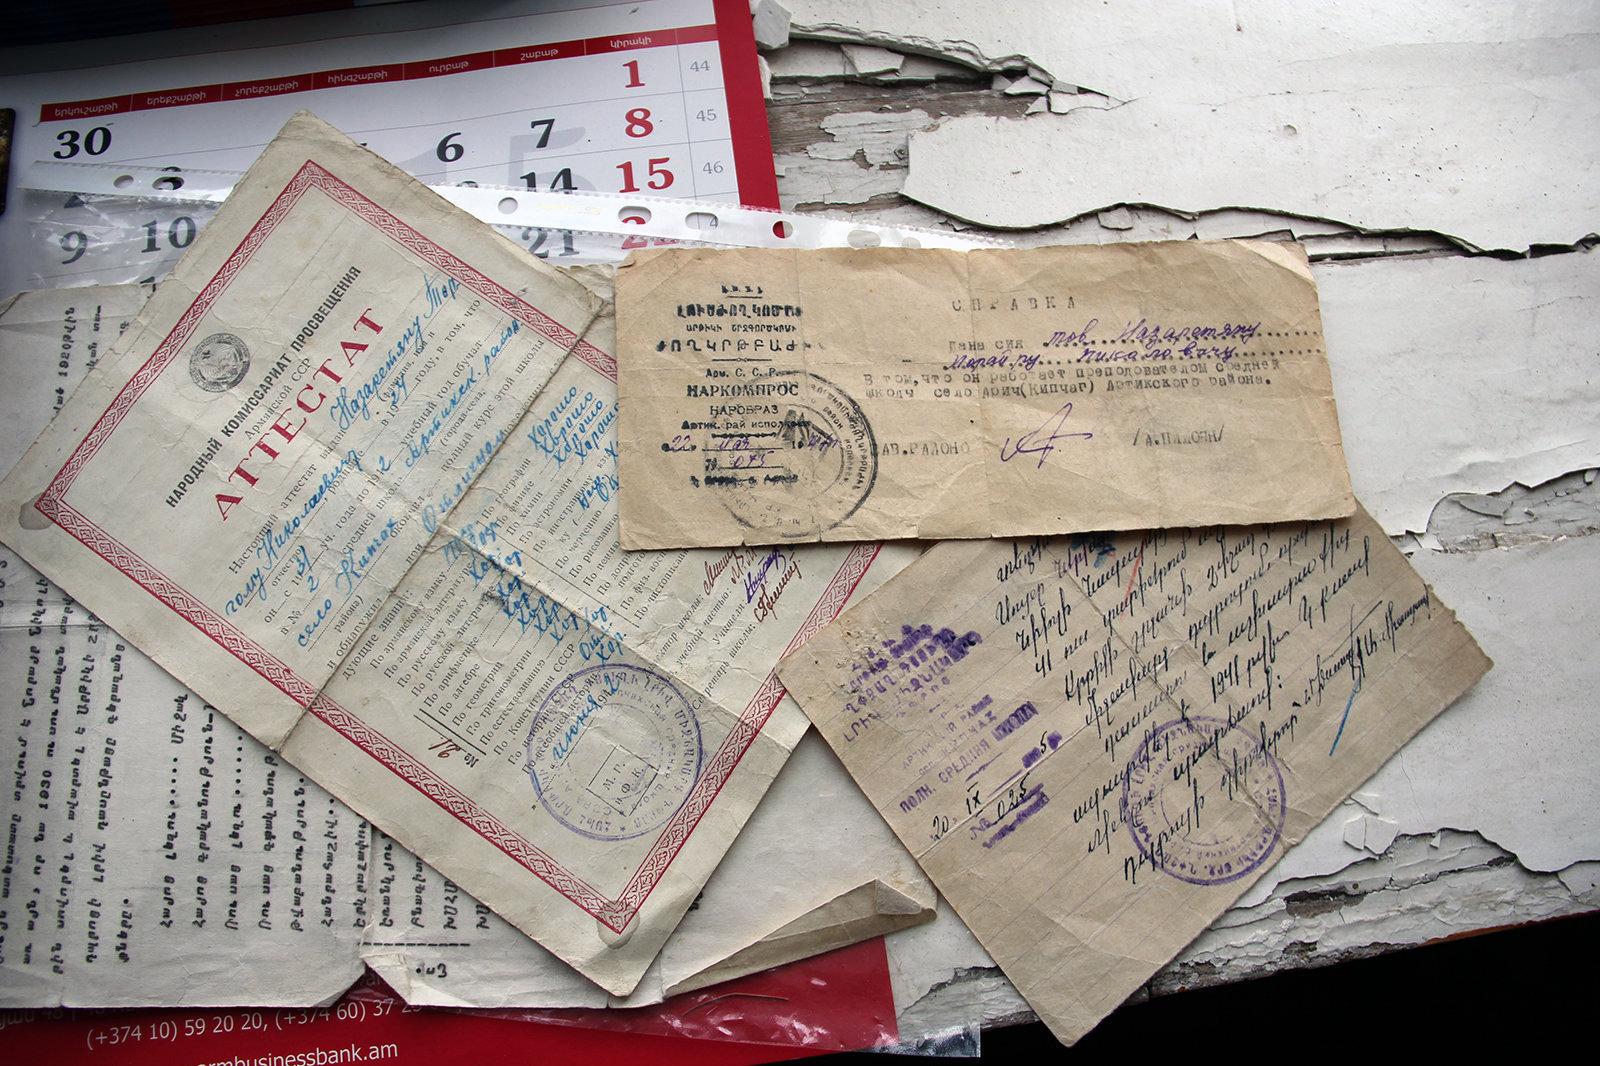 Документы советской эпохи, где упоминается Кипчаг